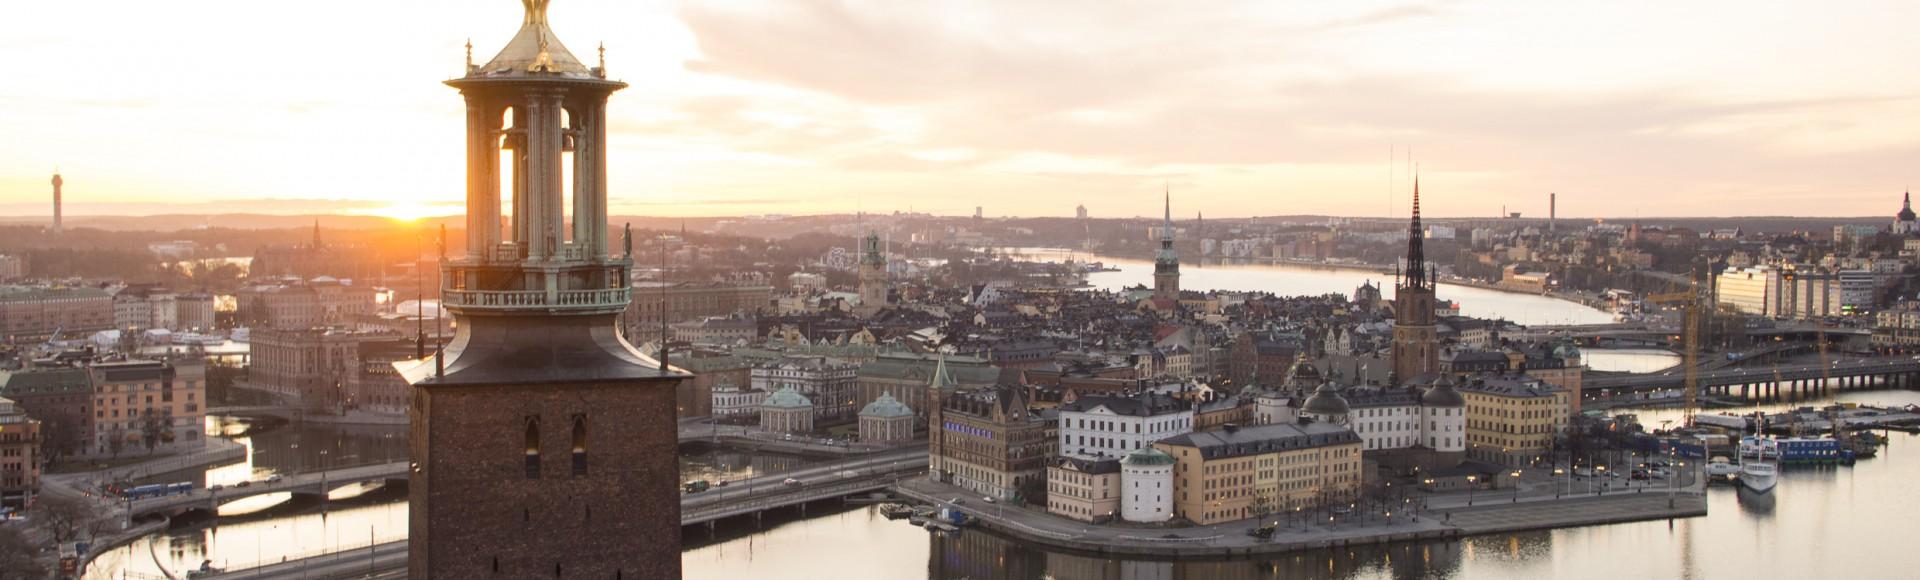 Bezoek Stockholm in 3 dagen: dingen om te zien en te doen, reisplan en kaarten